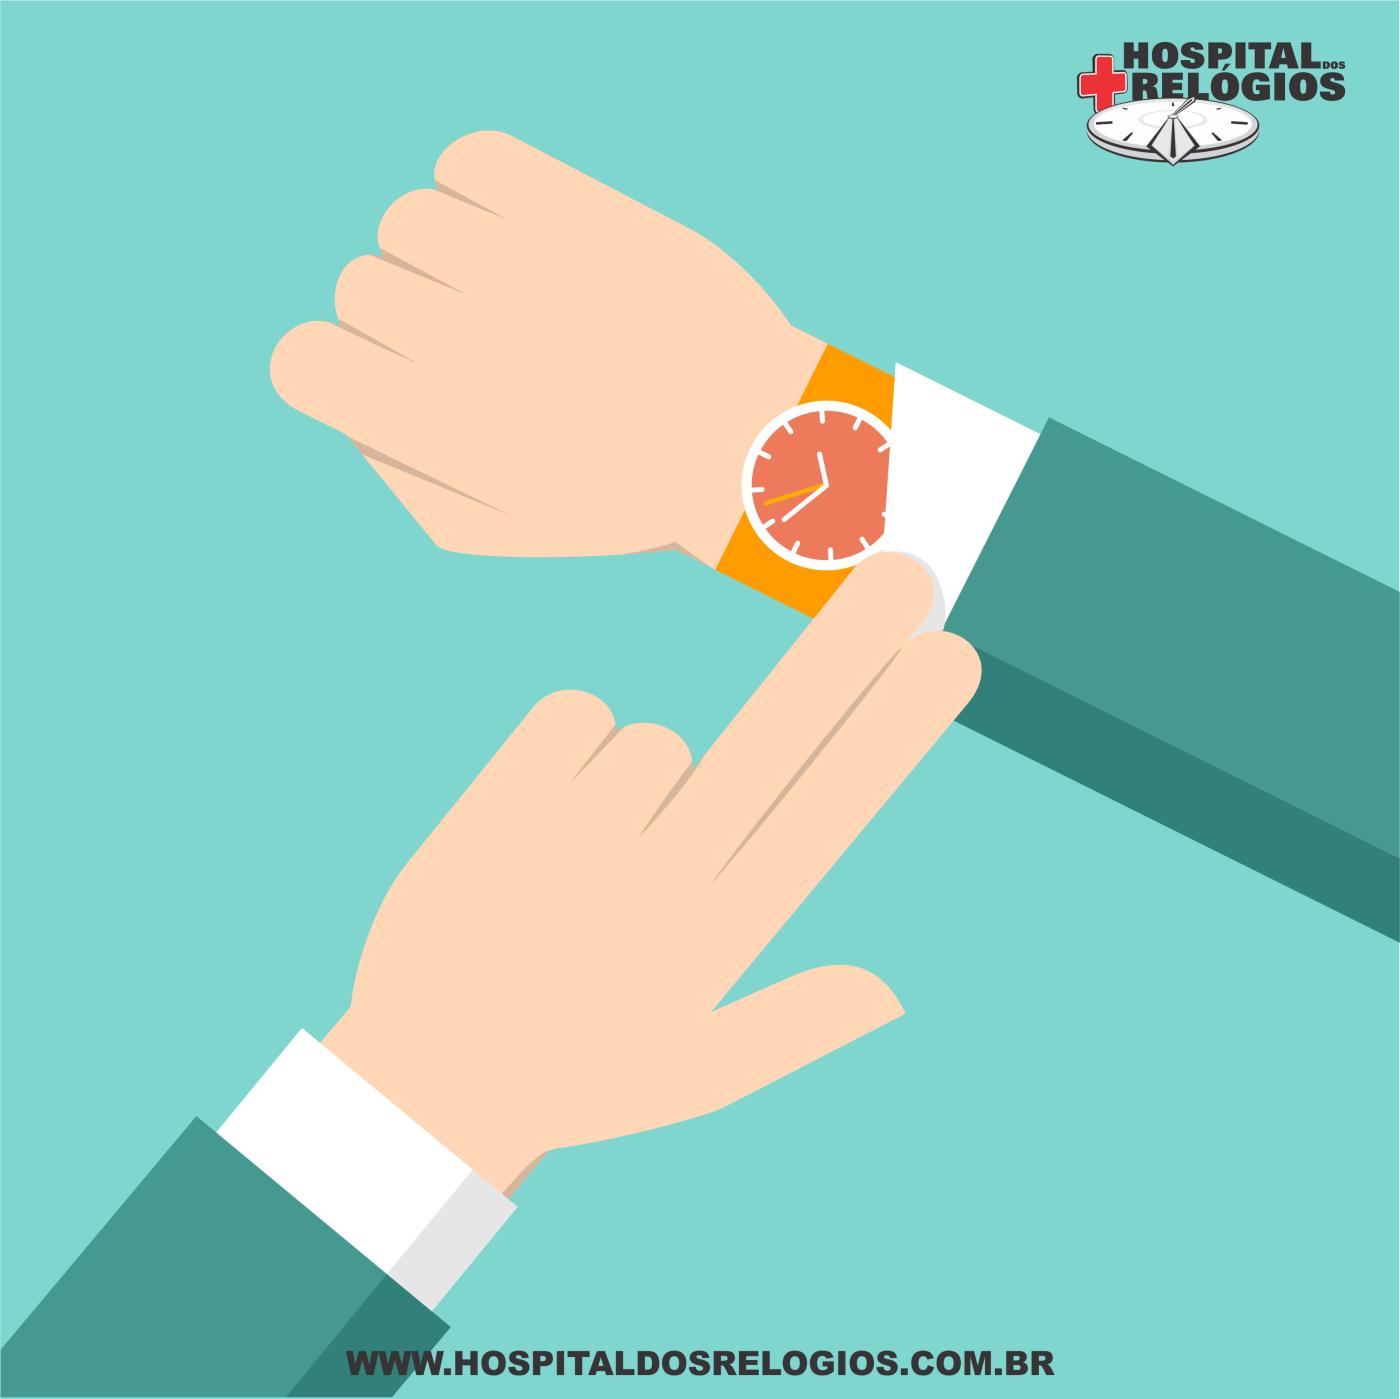 ca523d962fe O Hospital dos Relógios é a melhor e mais completa loja virtual para quem  está procurando pulseiras e acessórios para relógios. O trabalho é uma  tradição de ...